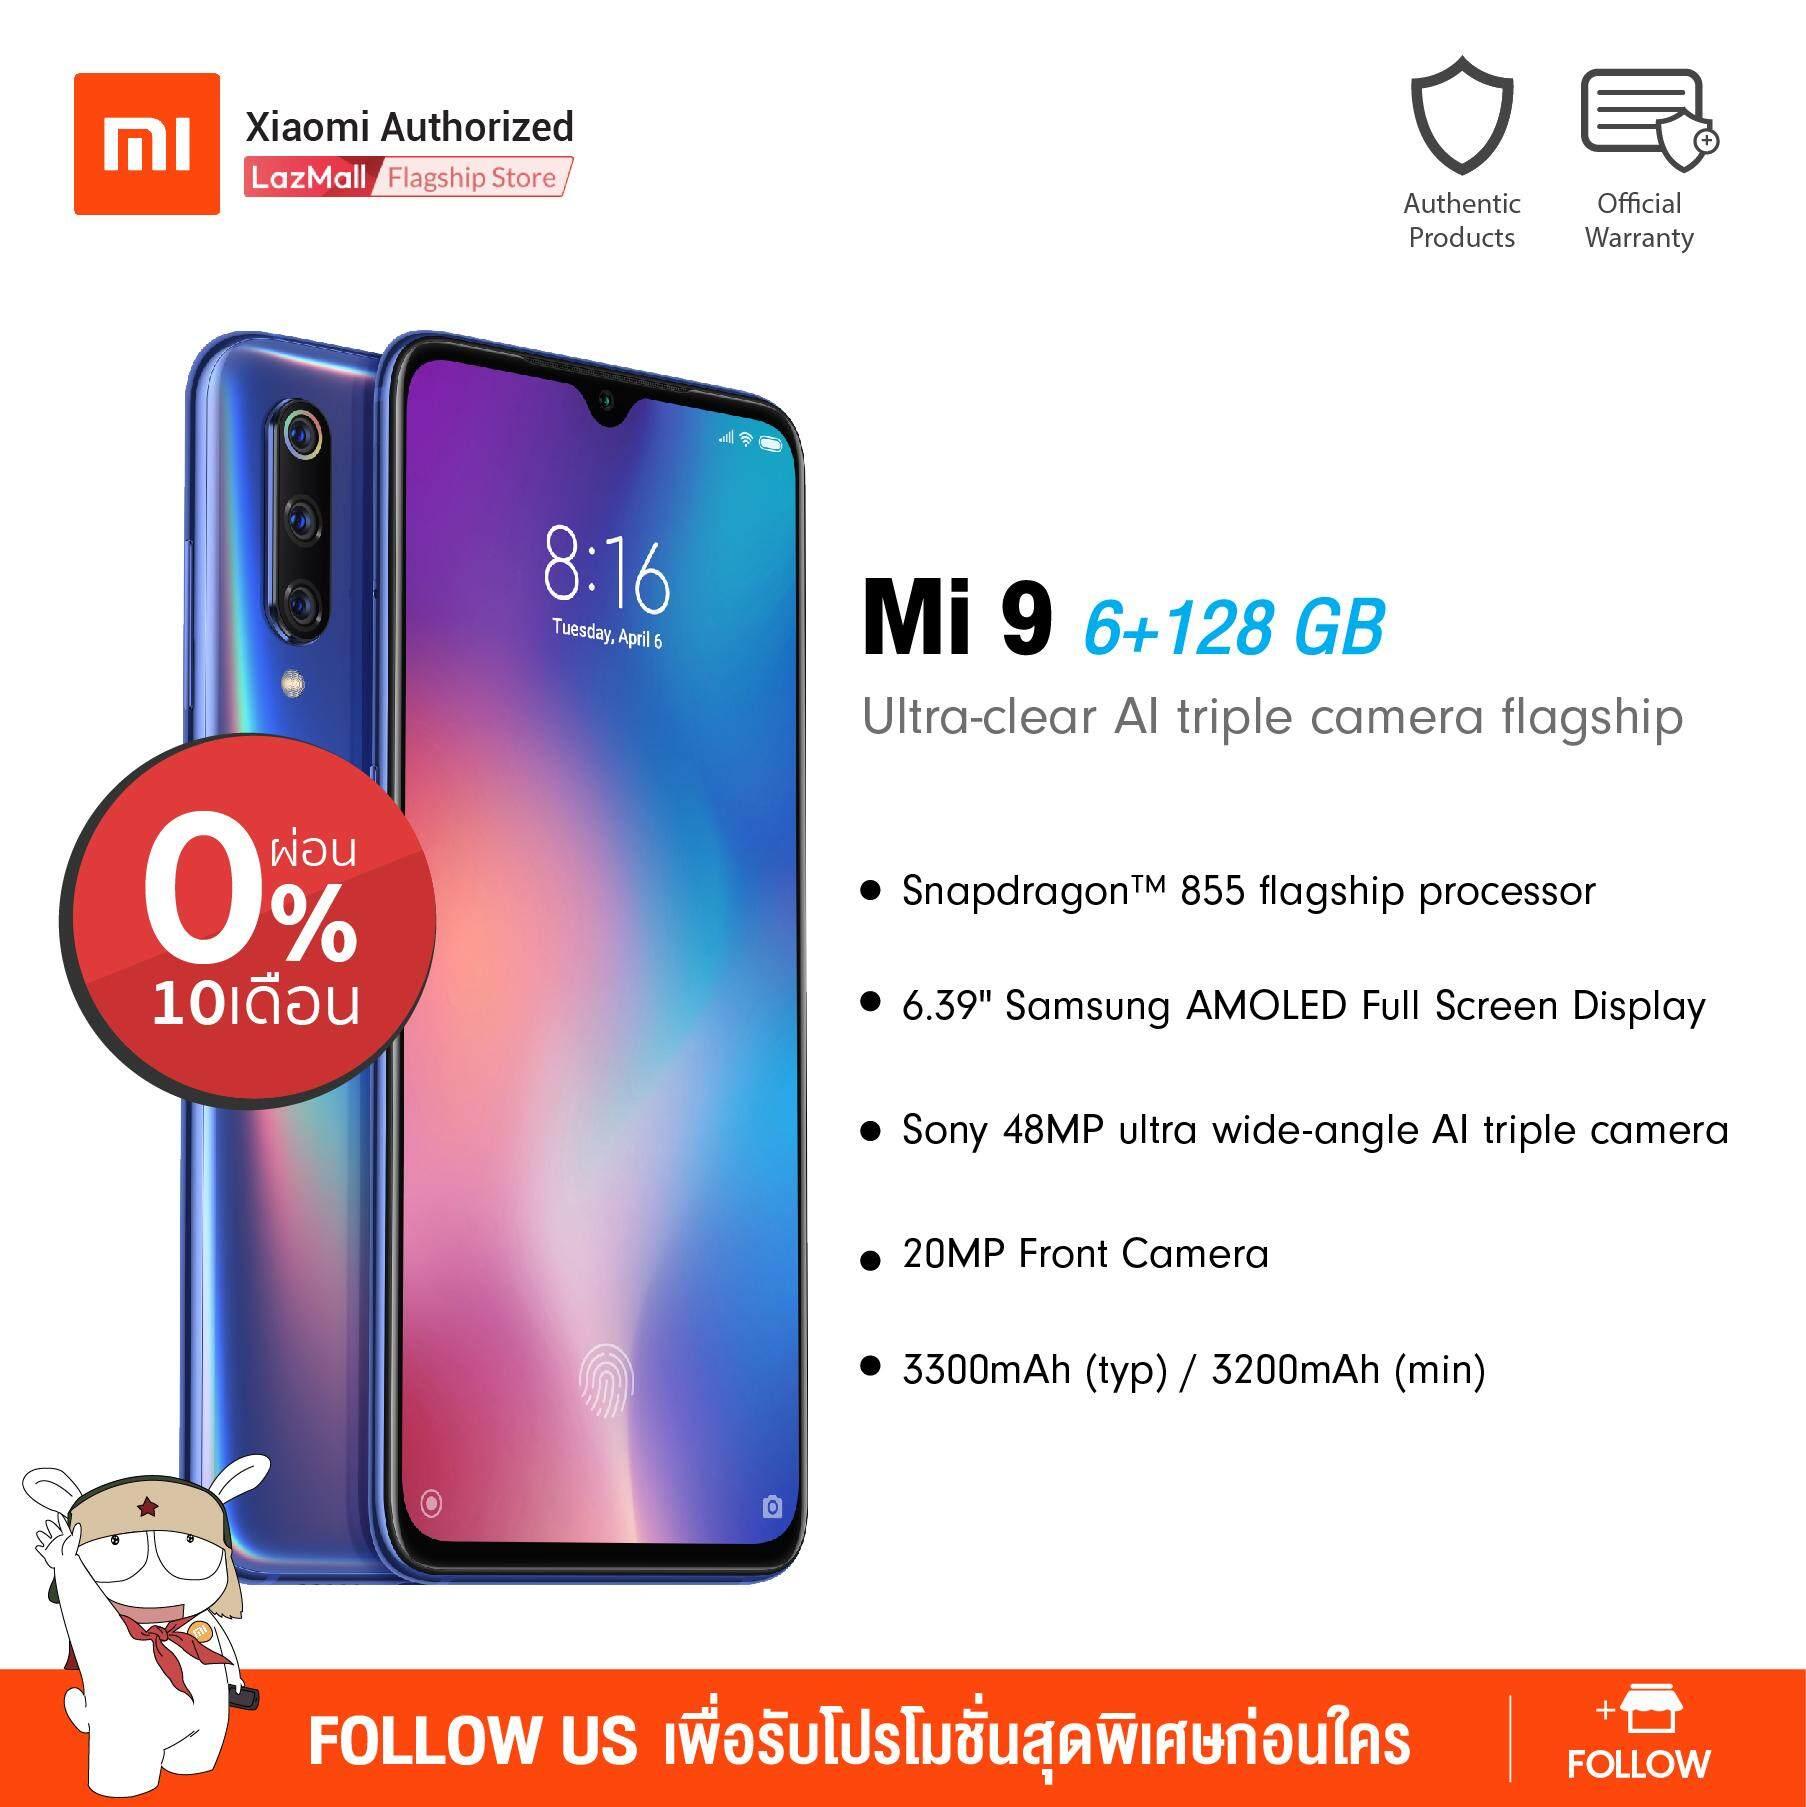 ยี่ห้อนี้ดีไหม  สงขลา Xiaomi Mi 9 6+128GB